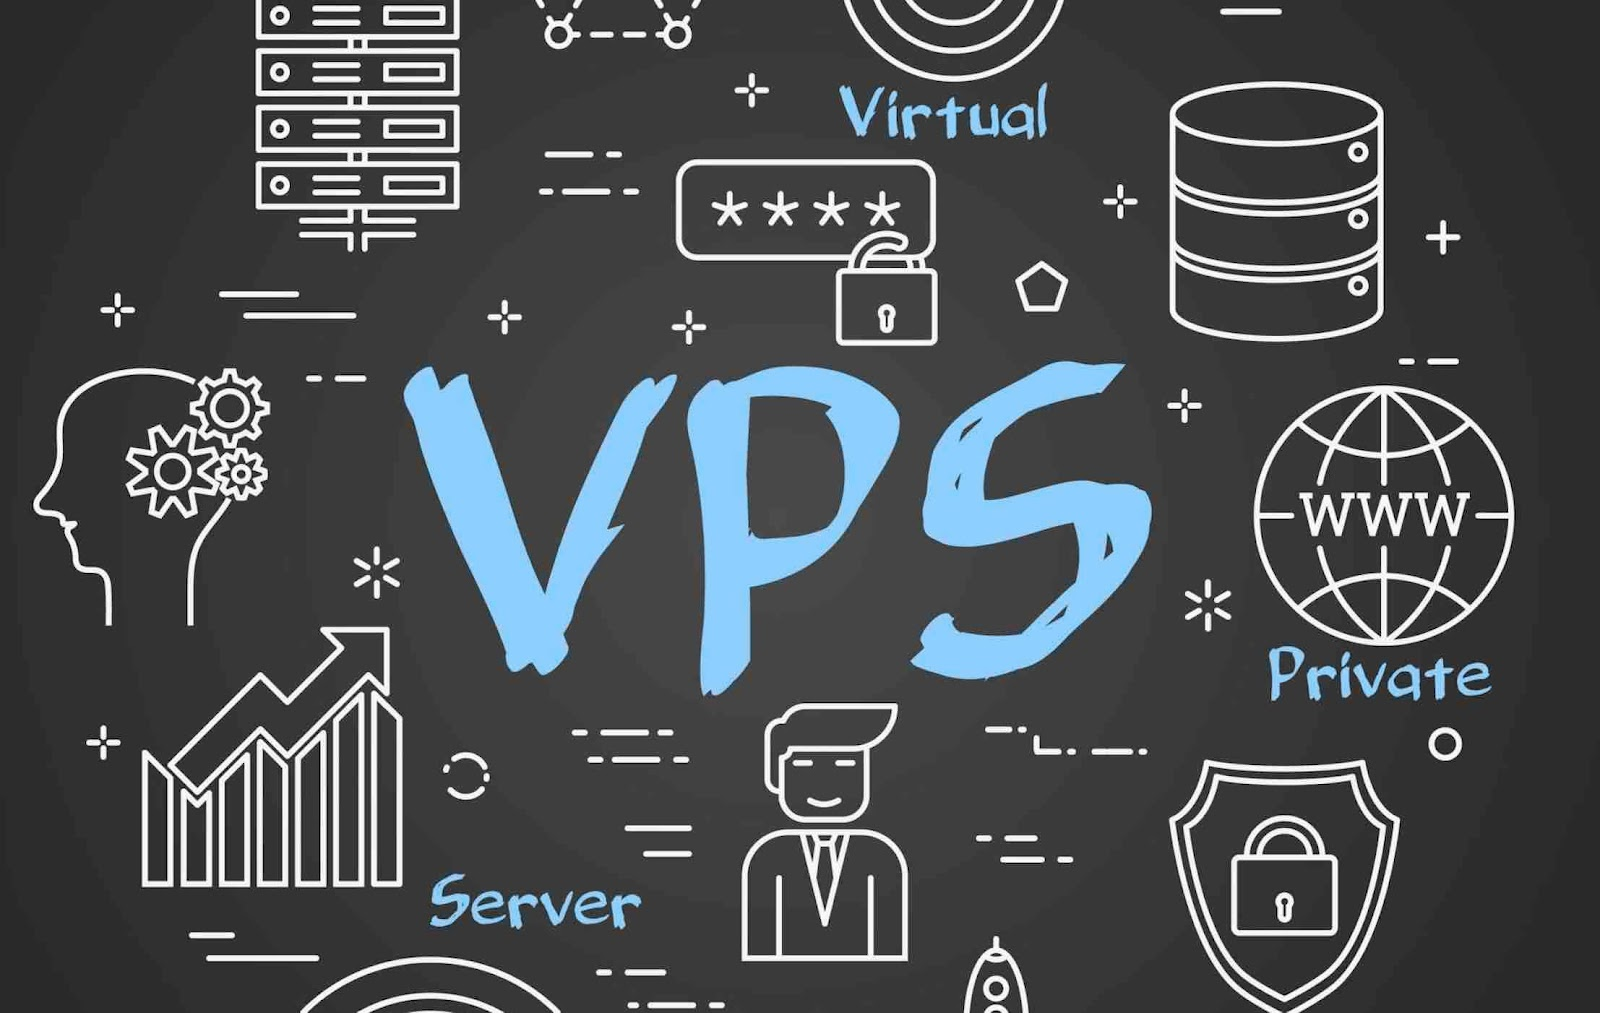 Cơ chế lưu trữ thông tin các gói VPS giá rẻ rất đáng tin cậy